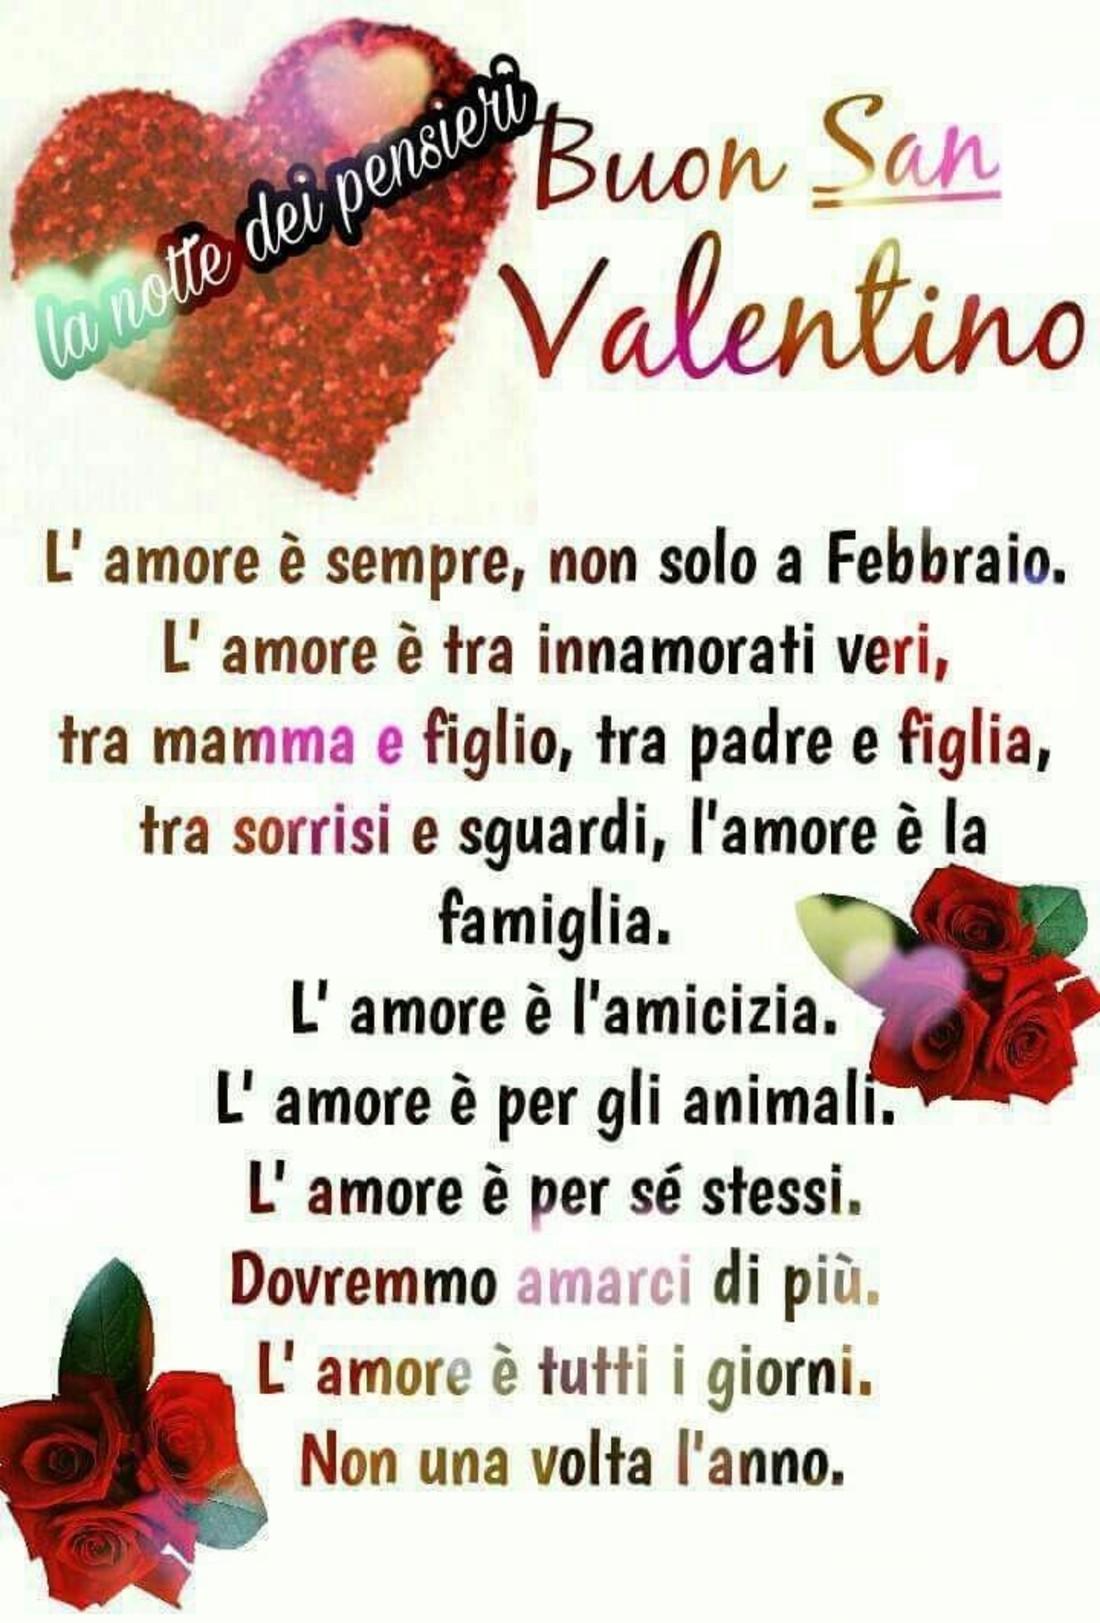 imamgini san valentino con cuore (2)